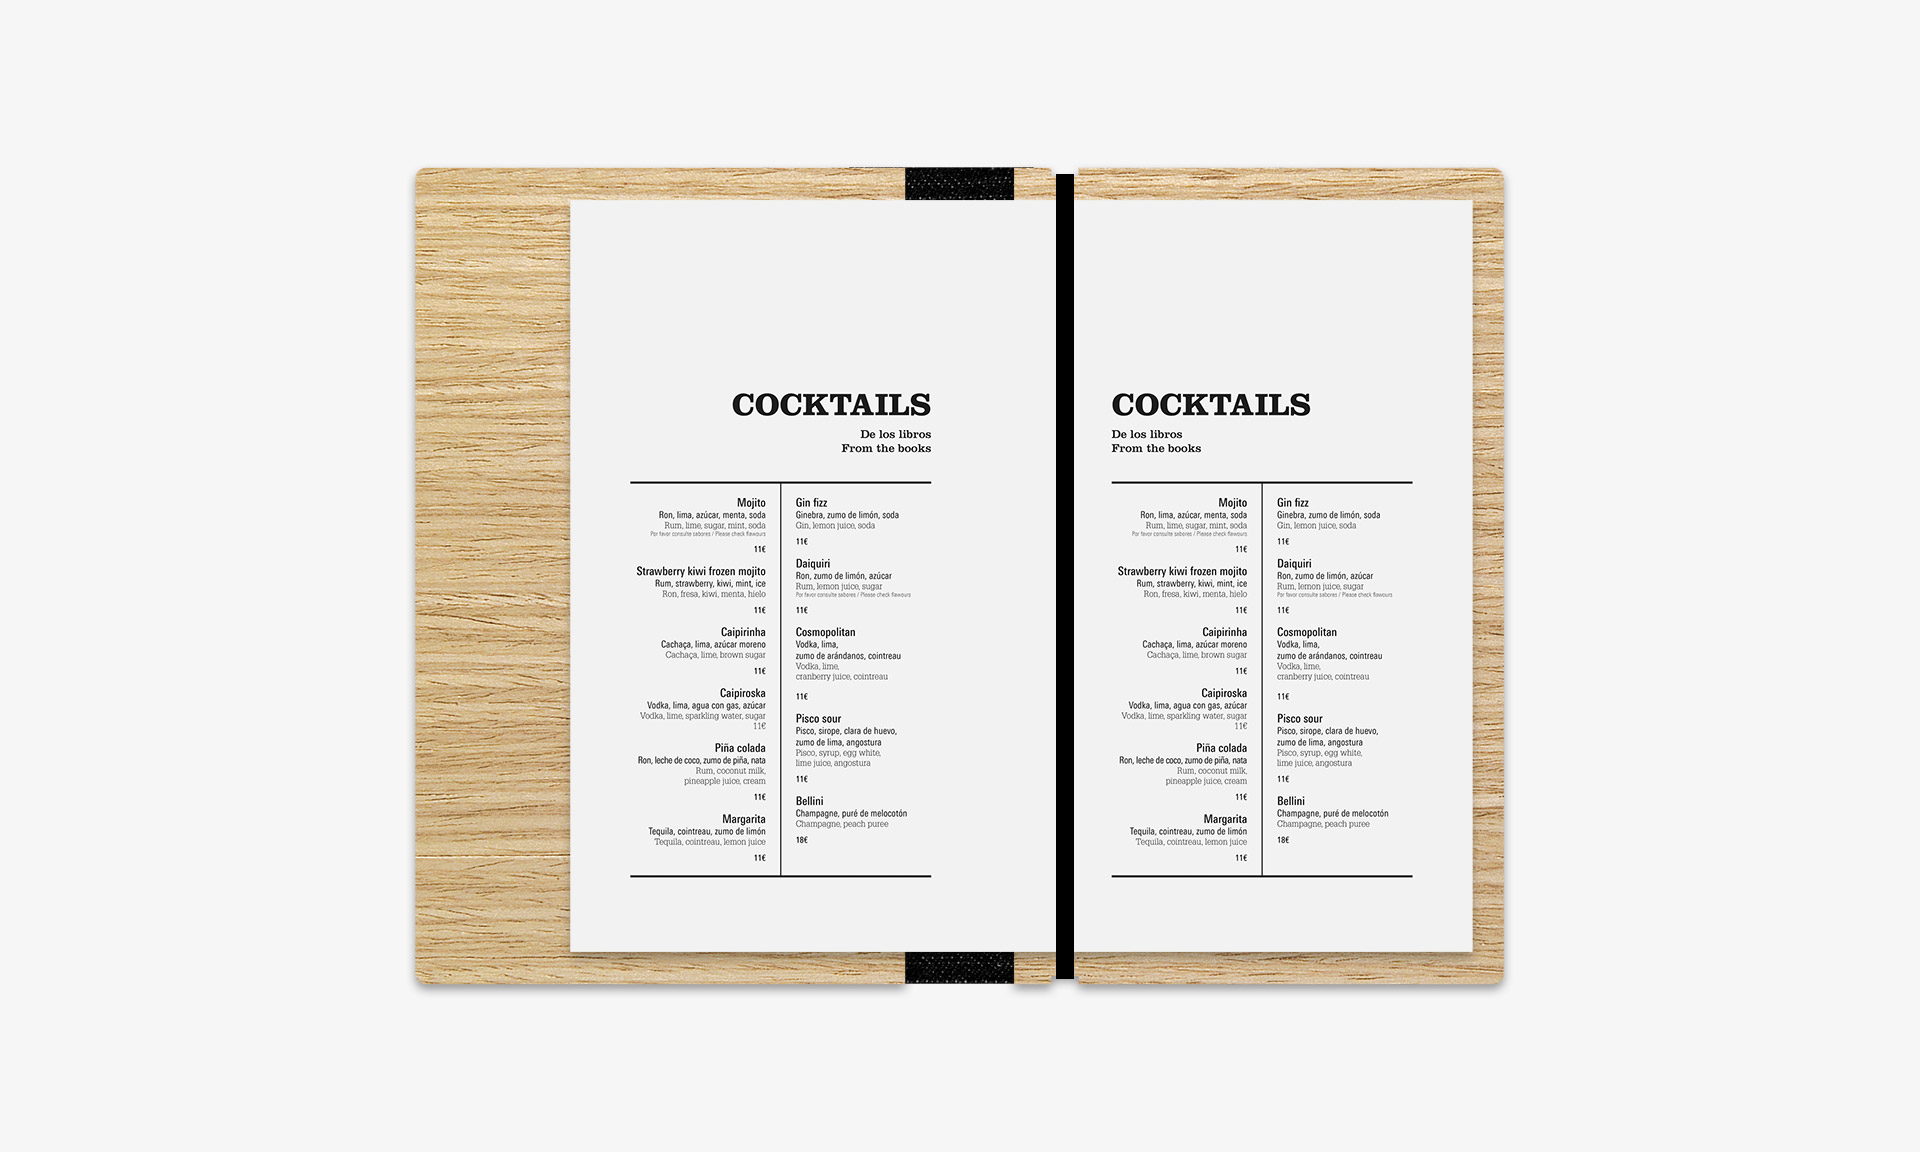 Aguas de Ibiza cartas Alabastro detalles cocktails